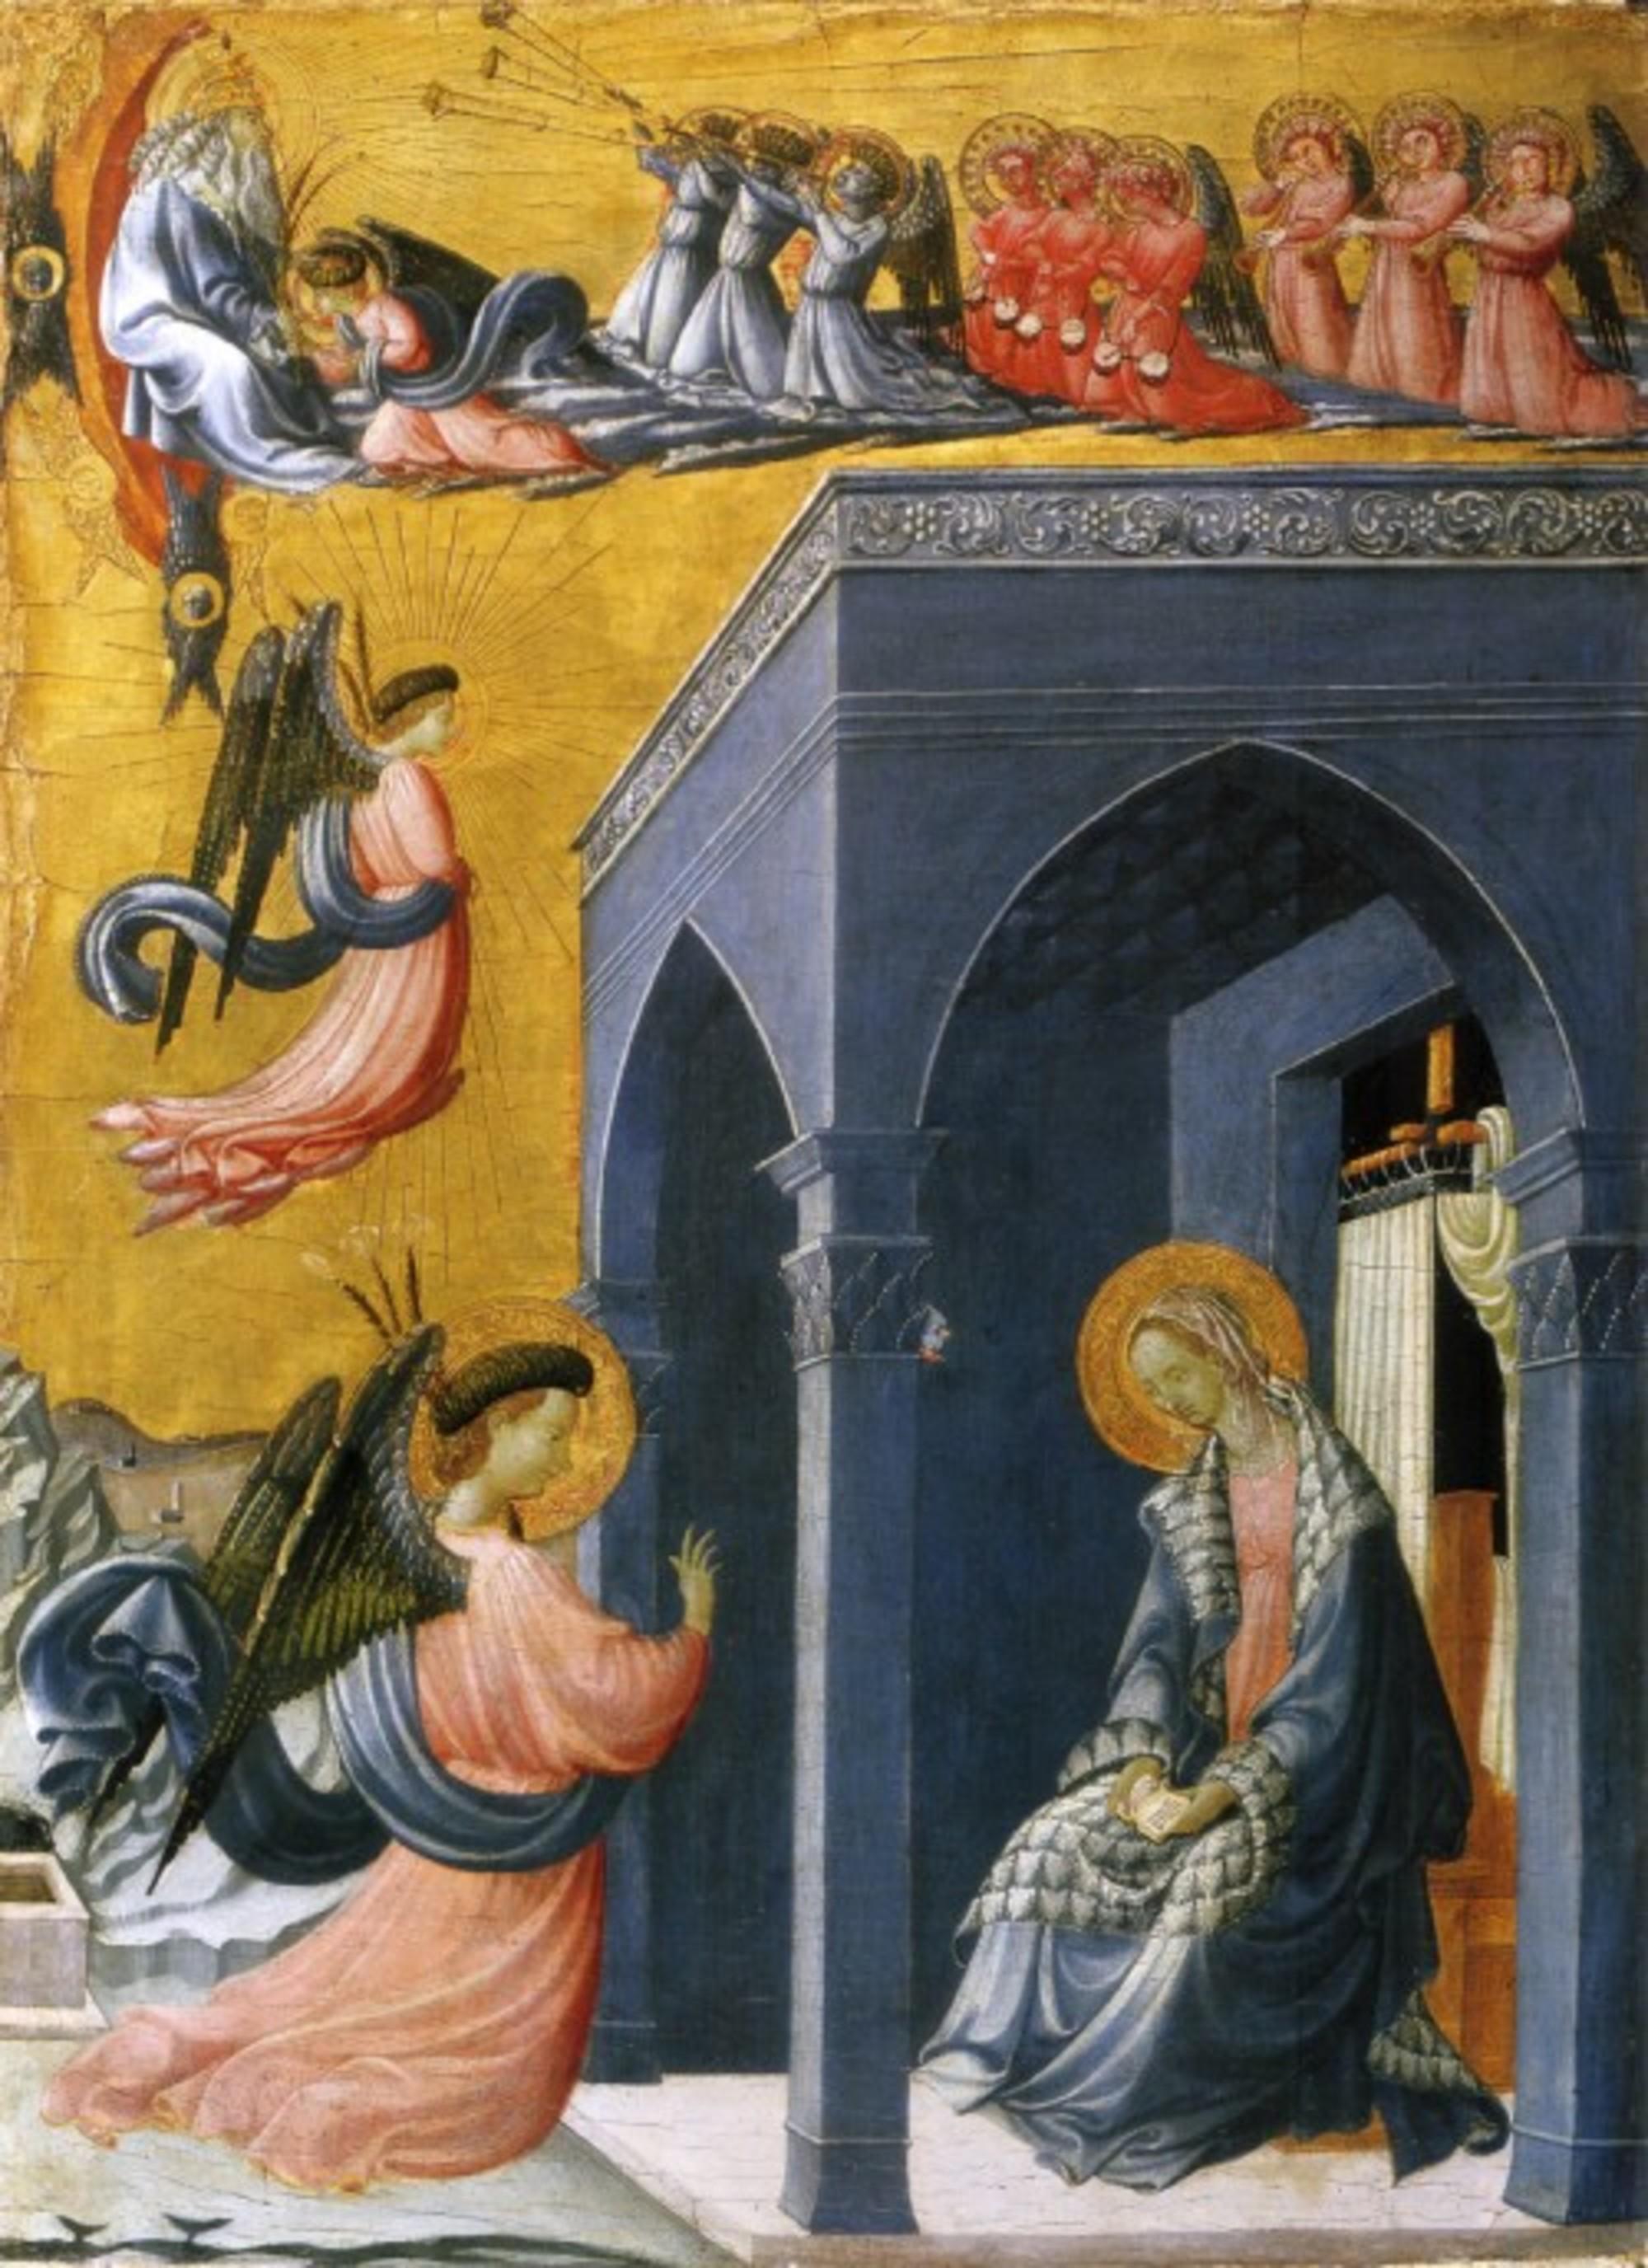 Paolo-uccello-annunciazione-di-oxford-1425-ca.jpg